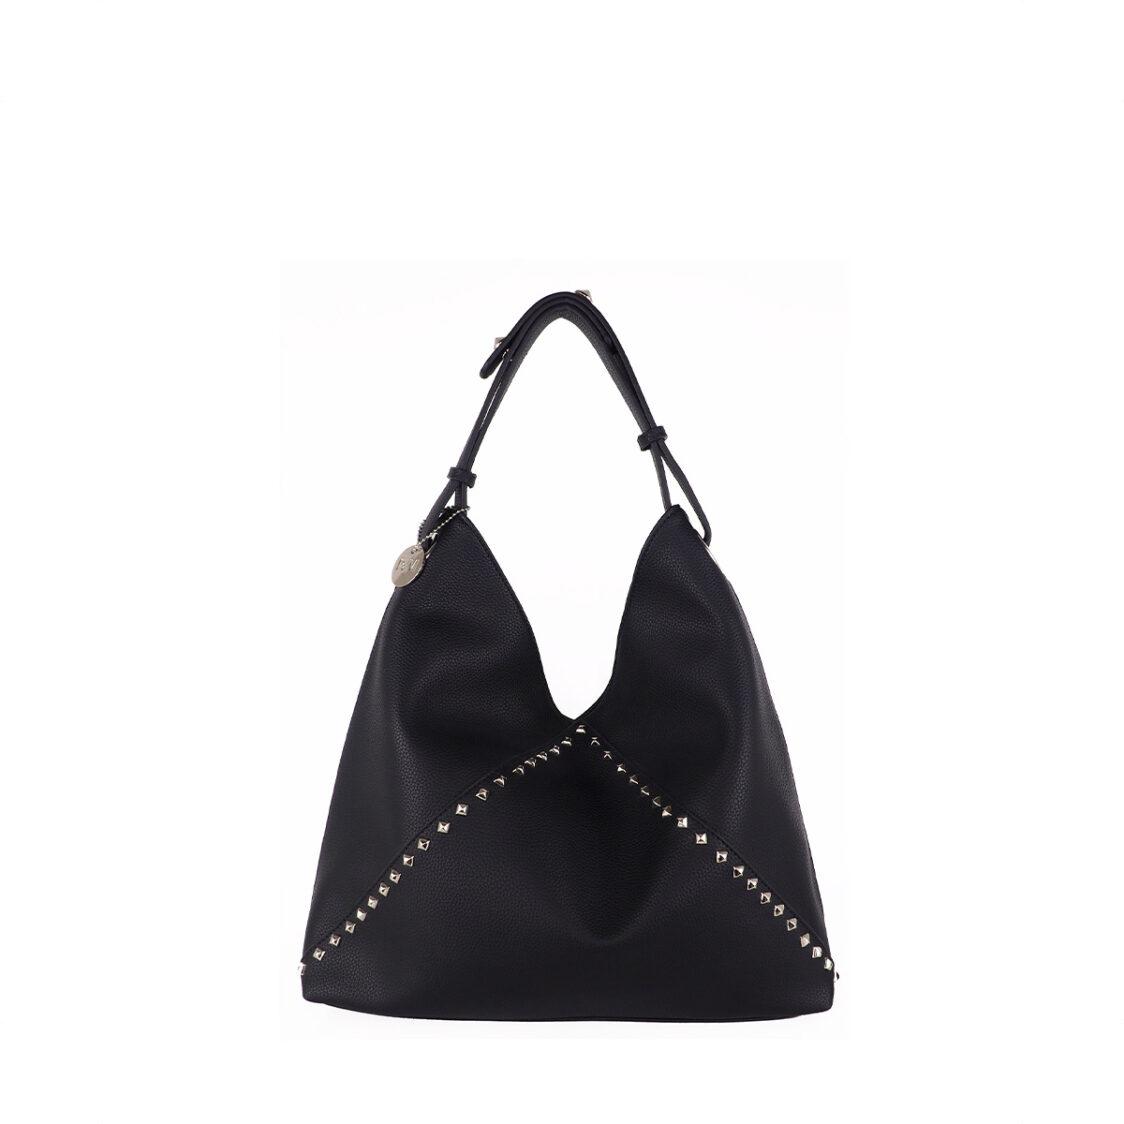 Perllini  Mel Studded Hobo Bag With Adjustable Shoulder Strap Black PN574-Blk